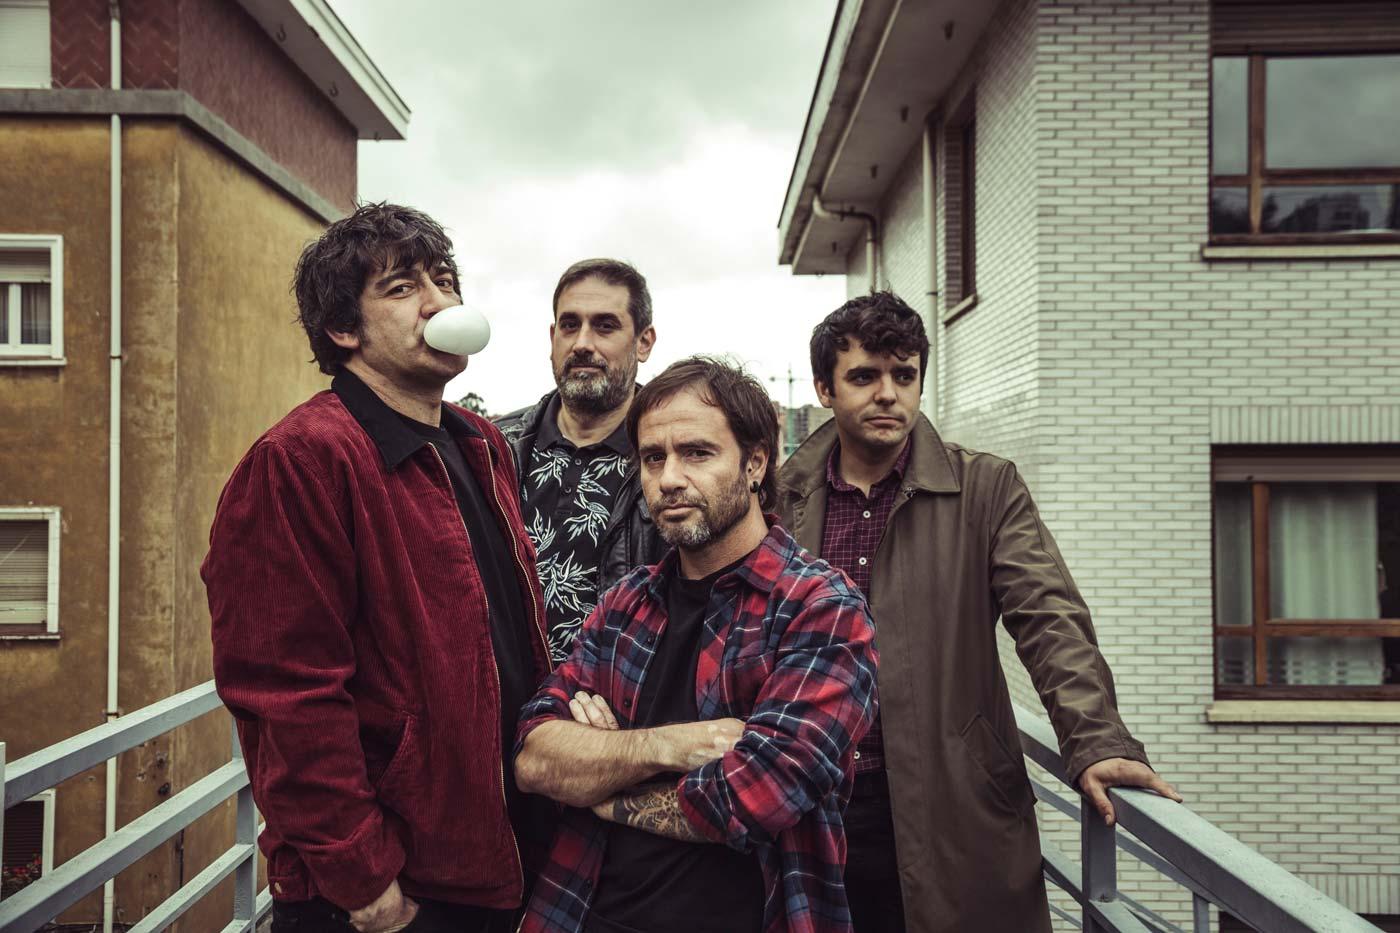 Estrenamos el primer single del nuevo álbum de El Capitán Elefante